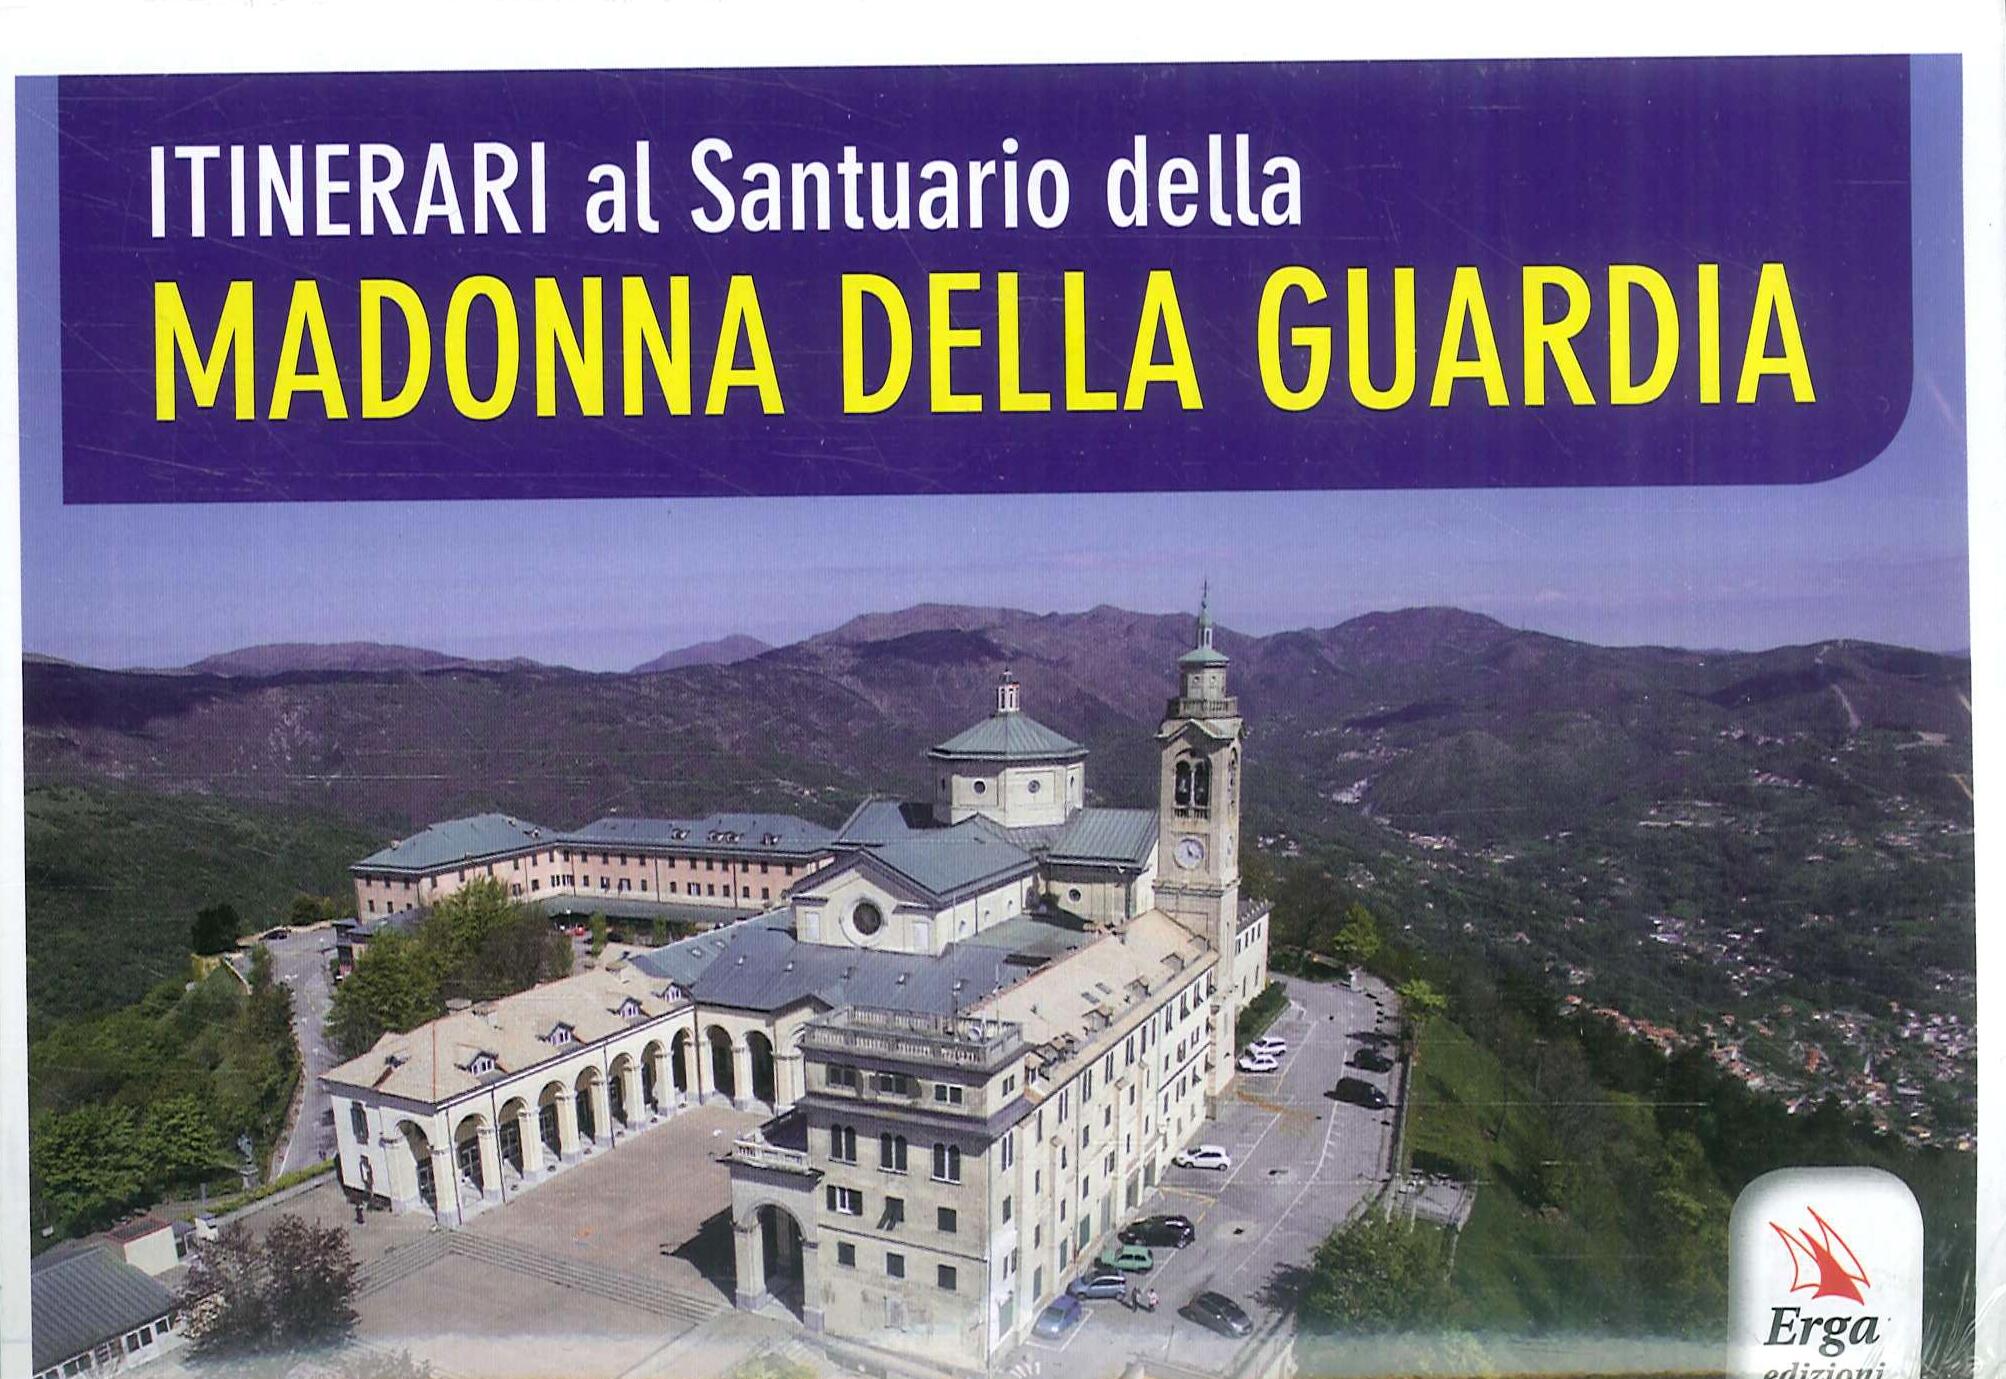 Itinerari al santuario della Madonna della Guardia